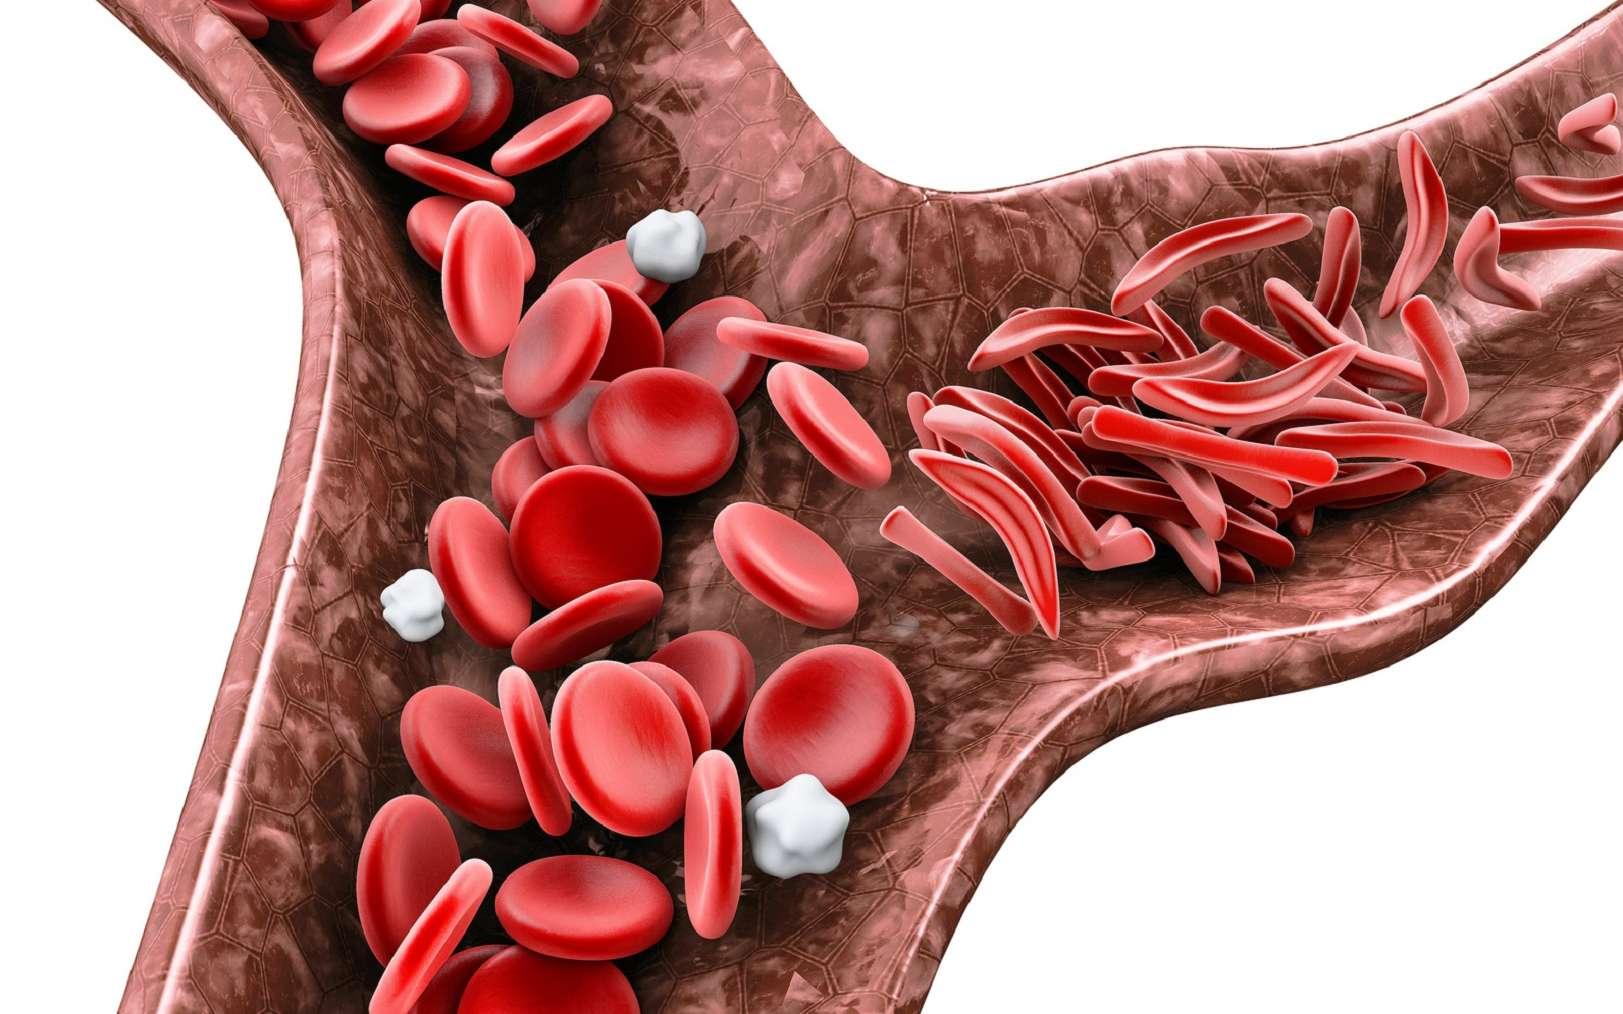 Dans la drépanocytose, les hématies (globules rouges) peuvent prendre une forme en faucille. © tussik, Fotolia